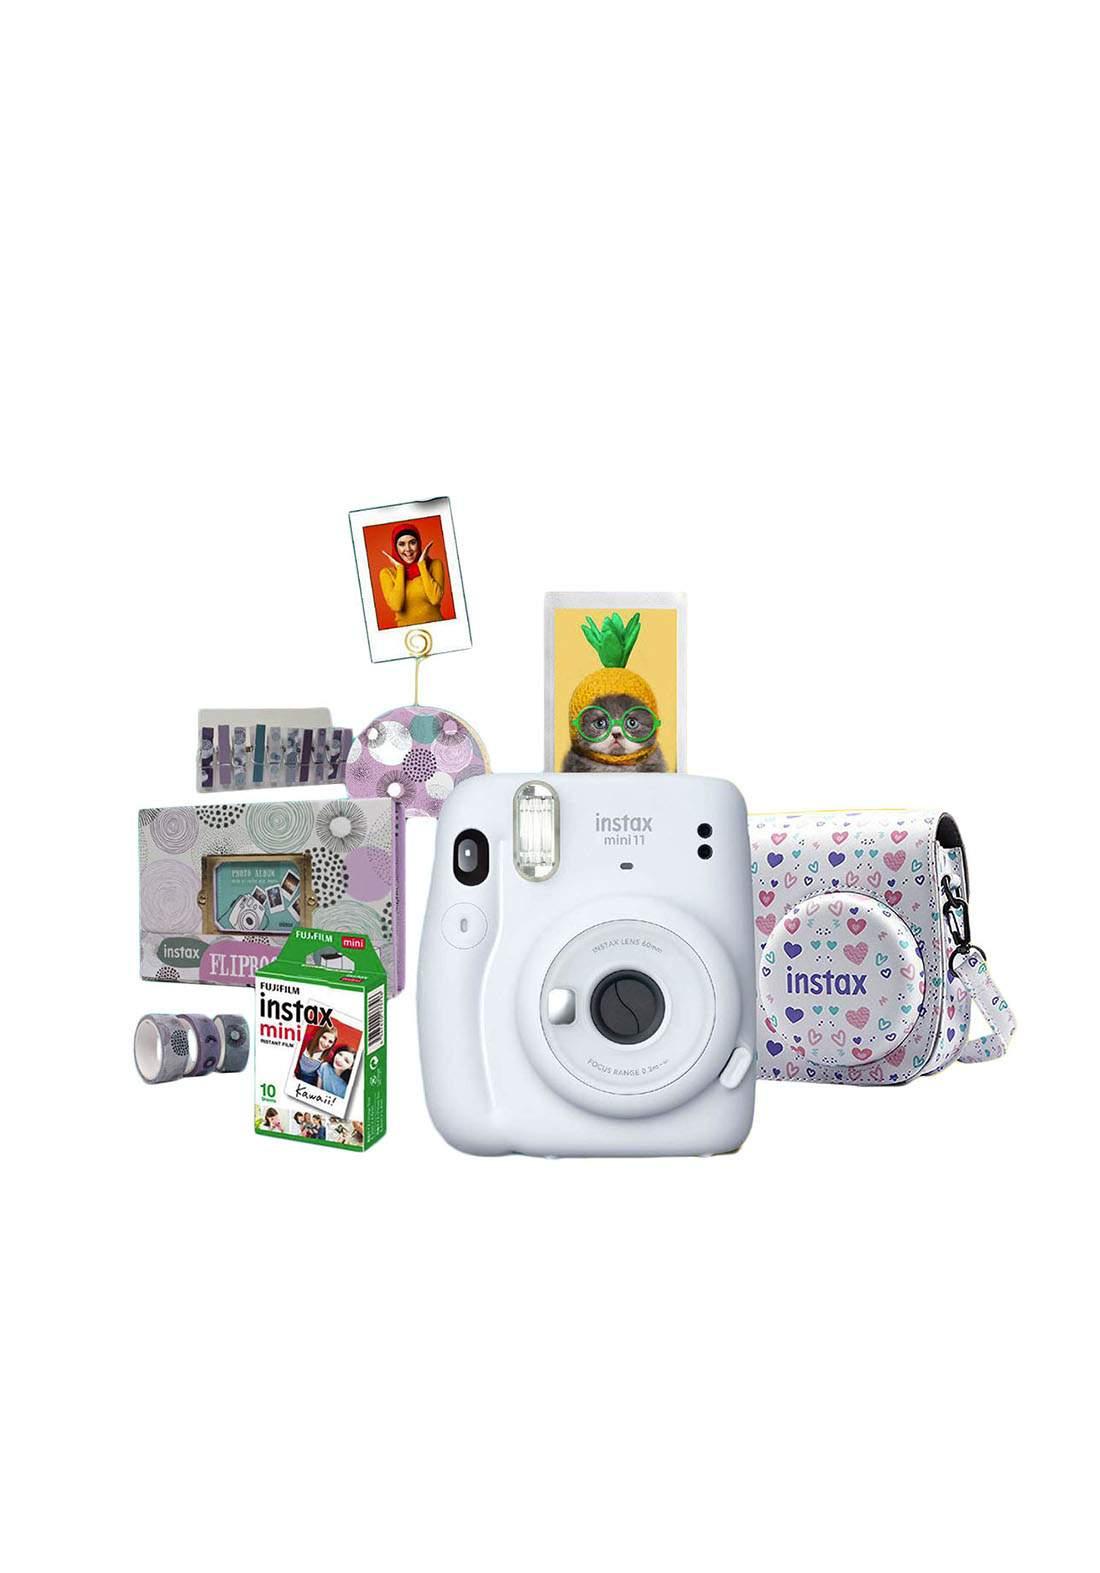 Fujifilm Instax ValuePack Mini11 Camera Package - Gray كاميرا فورية